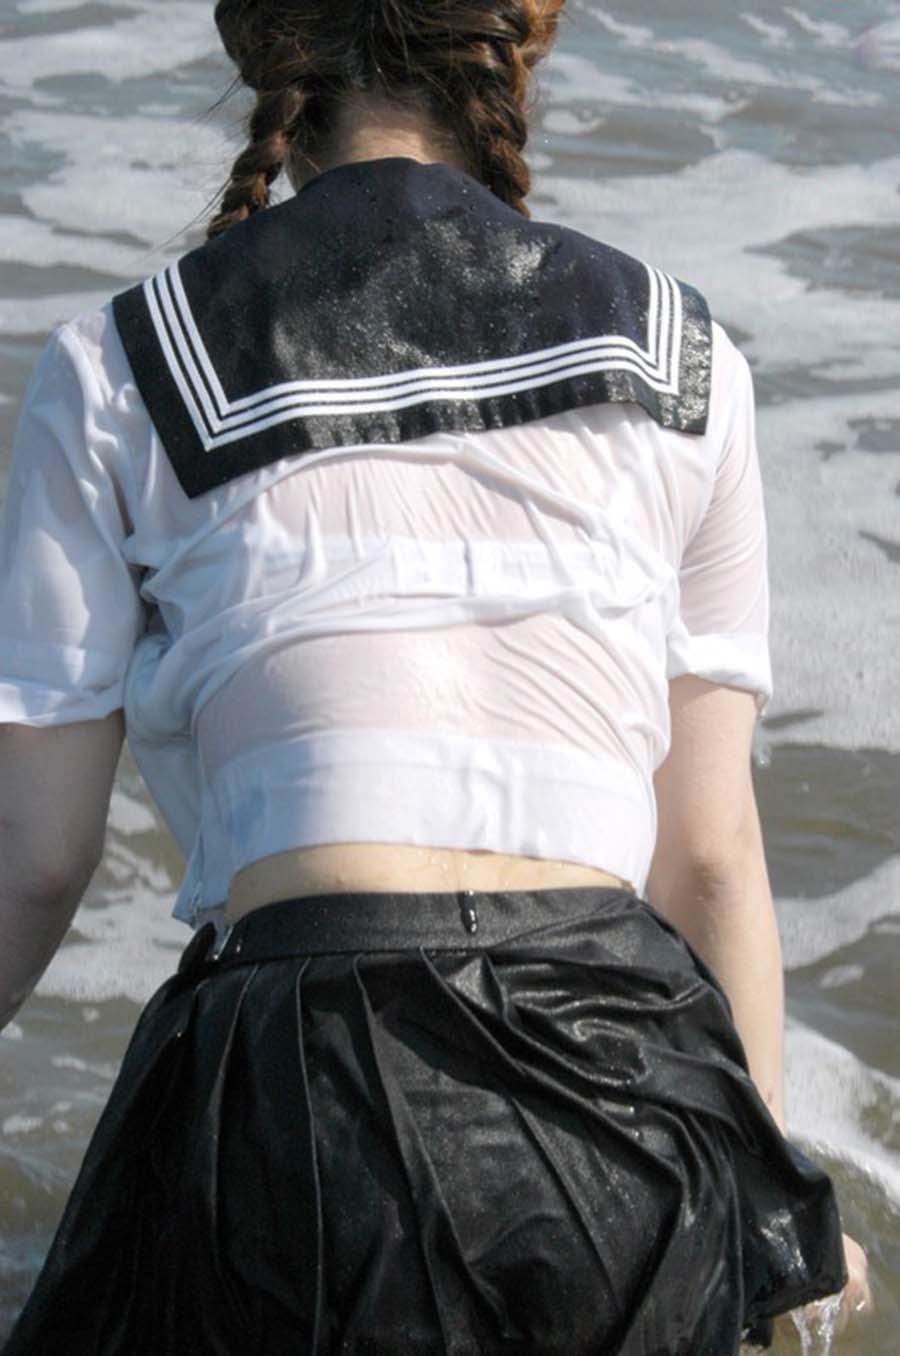 三次元 3次元 エロ画像 JK 女子校生 透け透け ずぶ濡れ べっぴん娘通信 25